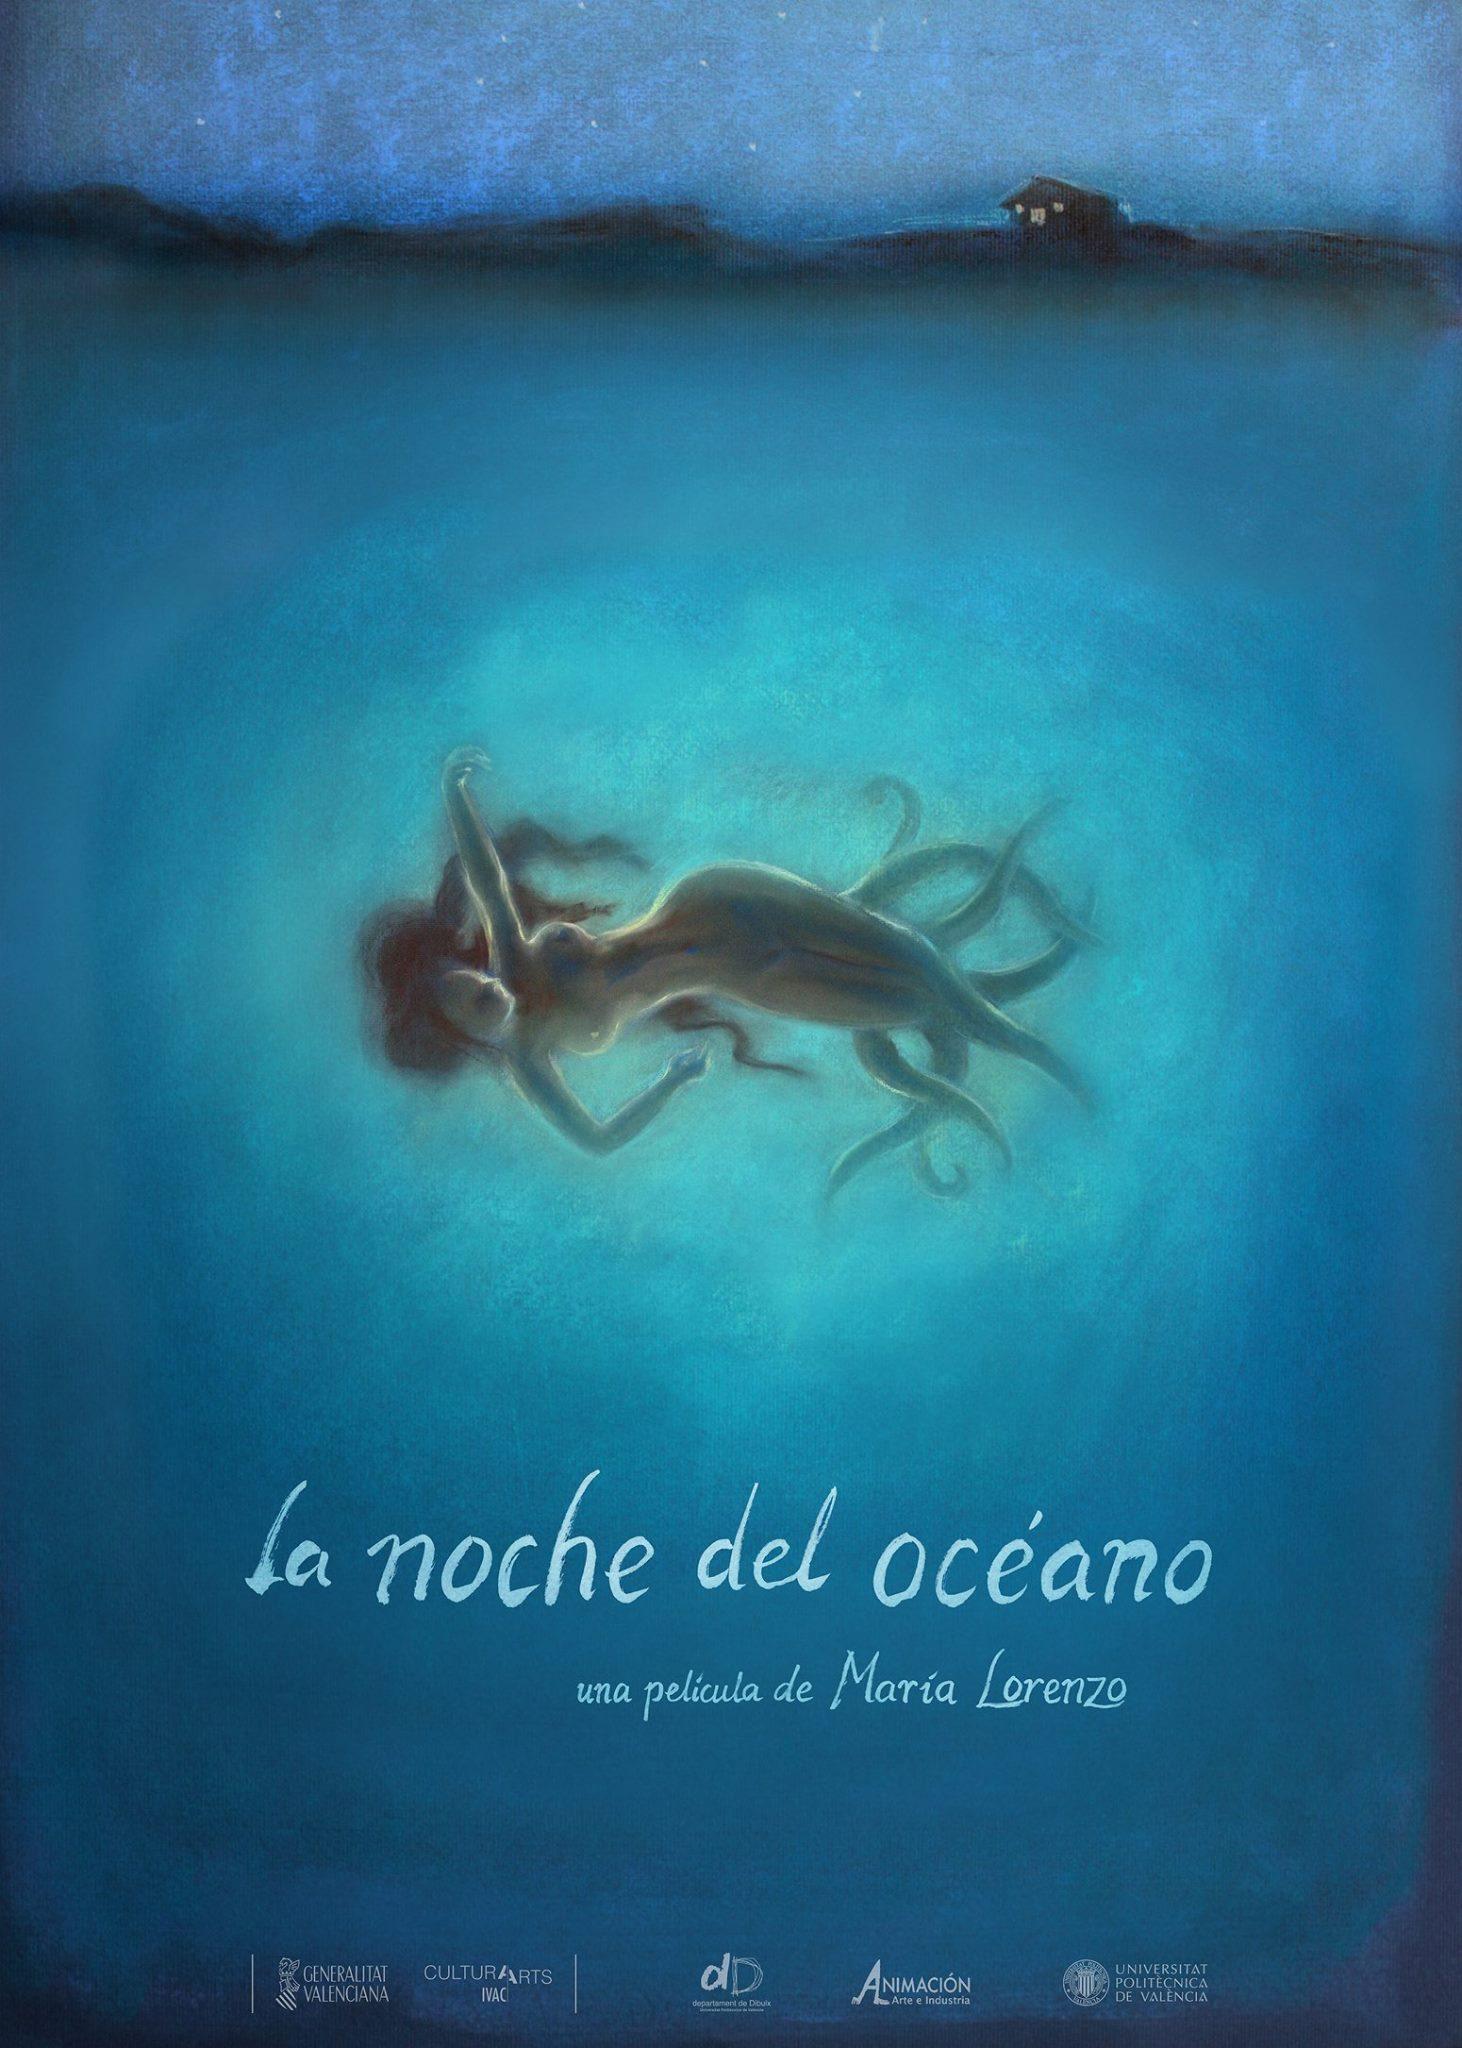 La nit de l'oceà/La noche del oceano, de María Lorenzo.